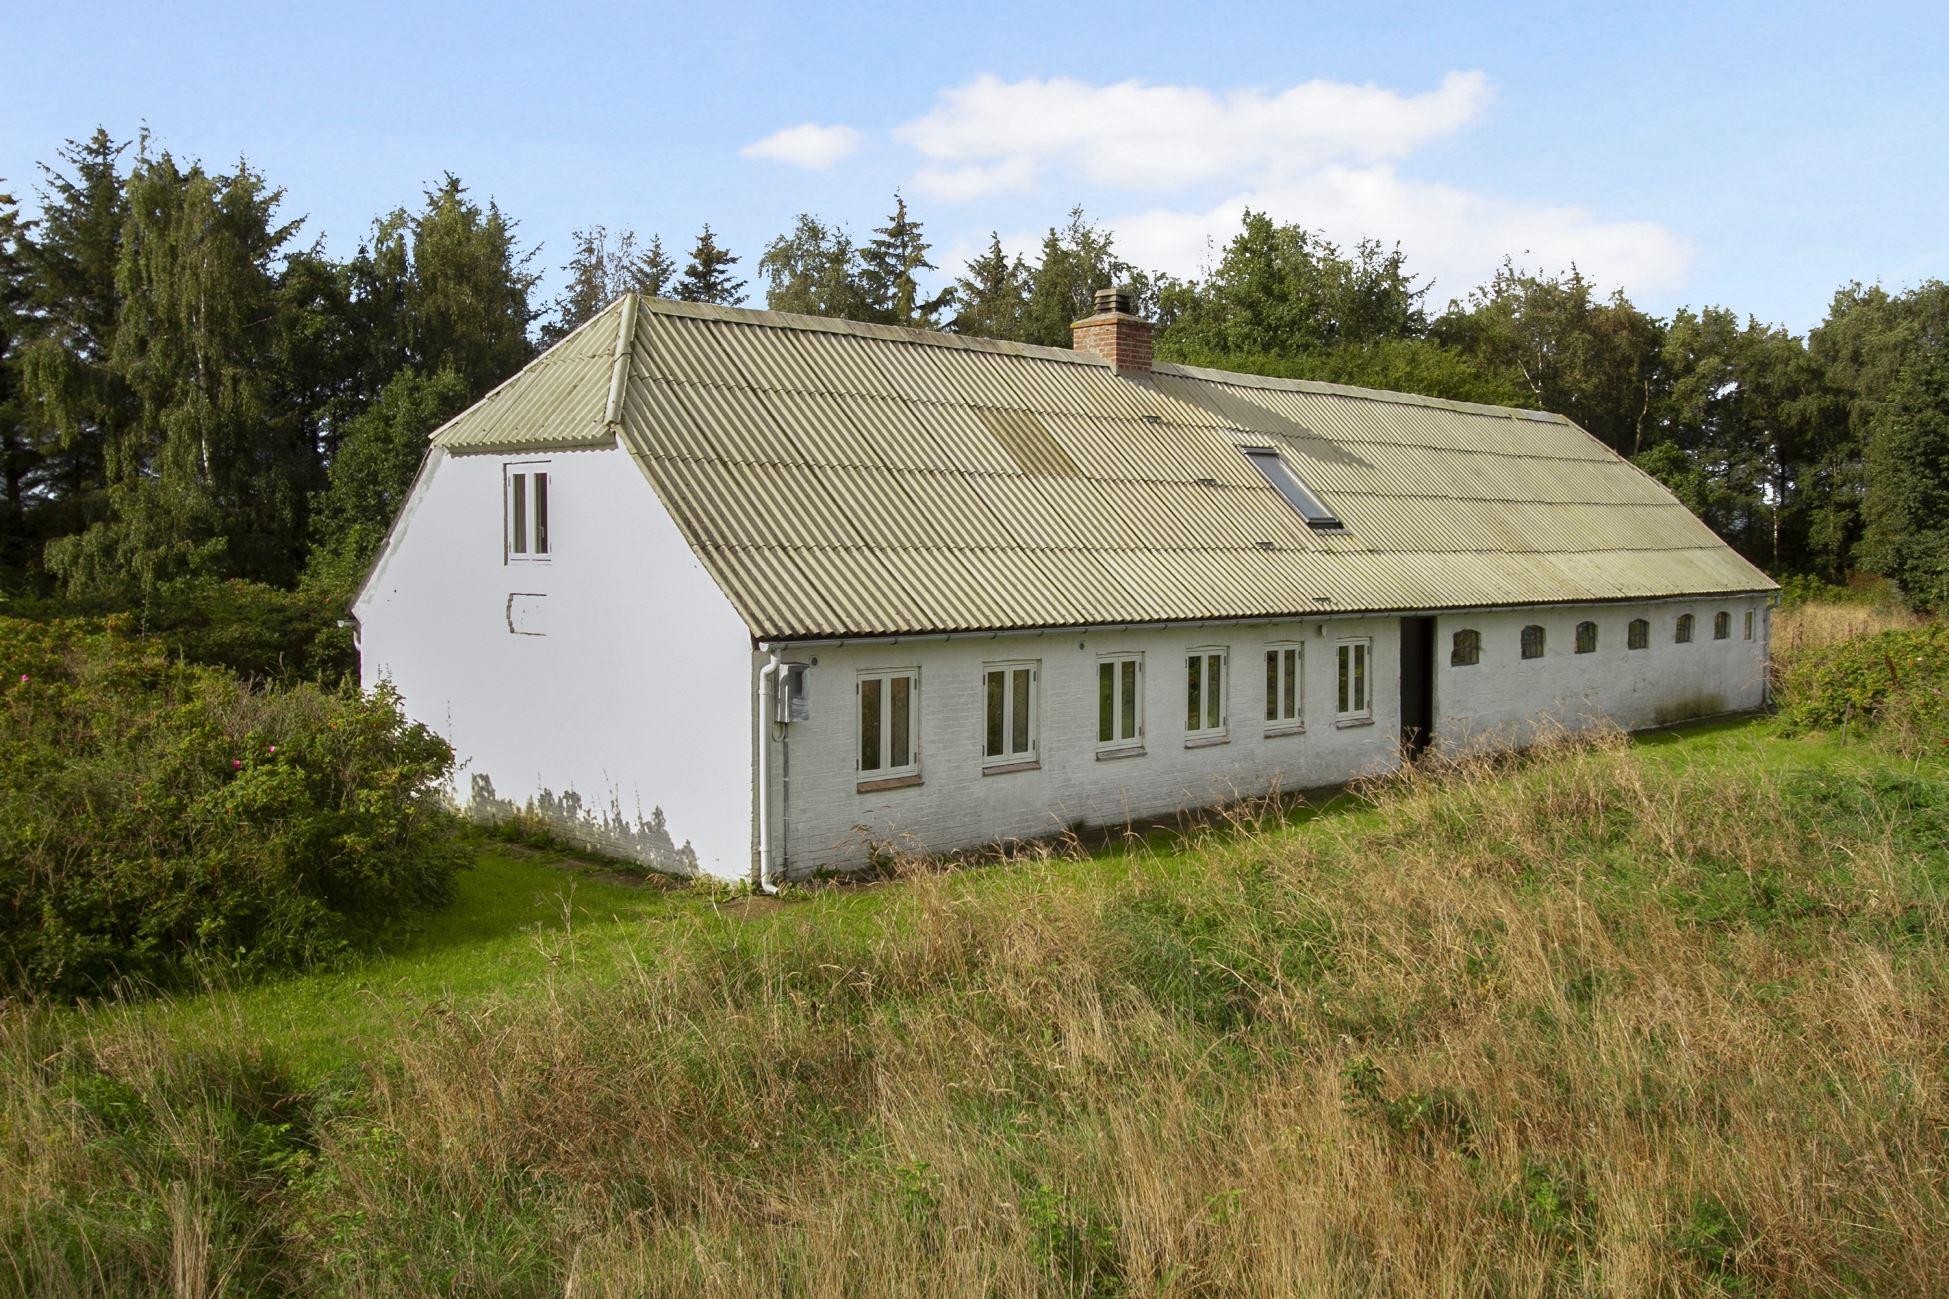 Kjærvej 59, 9690 Fjerritslev